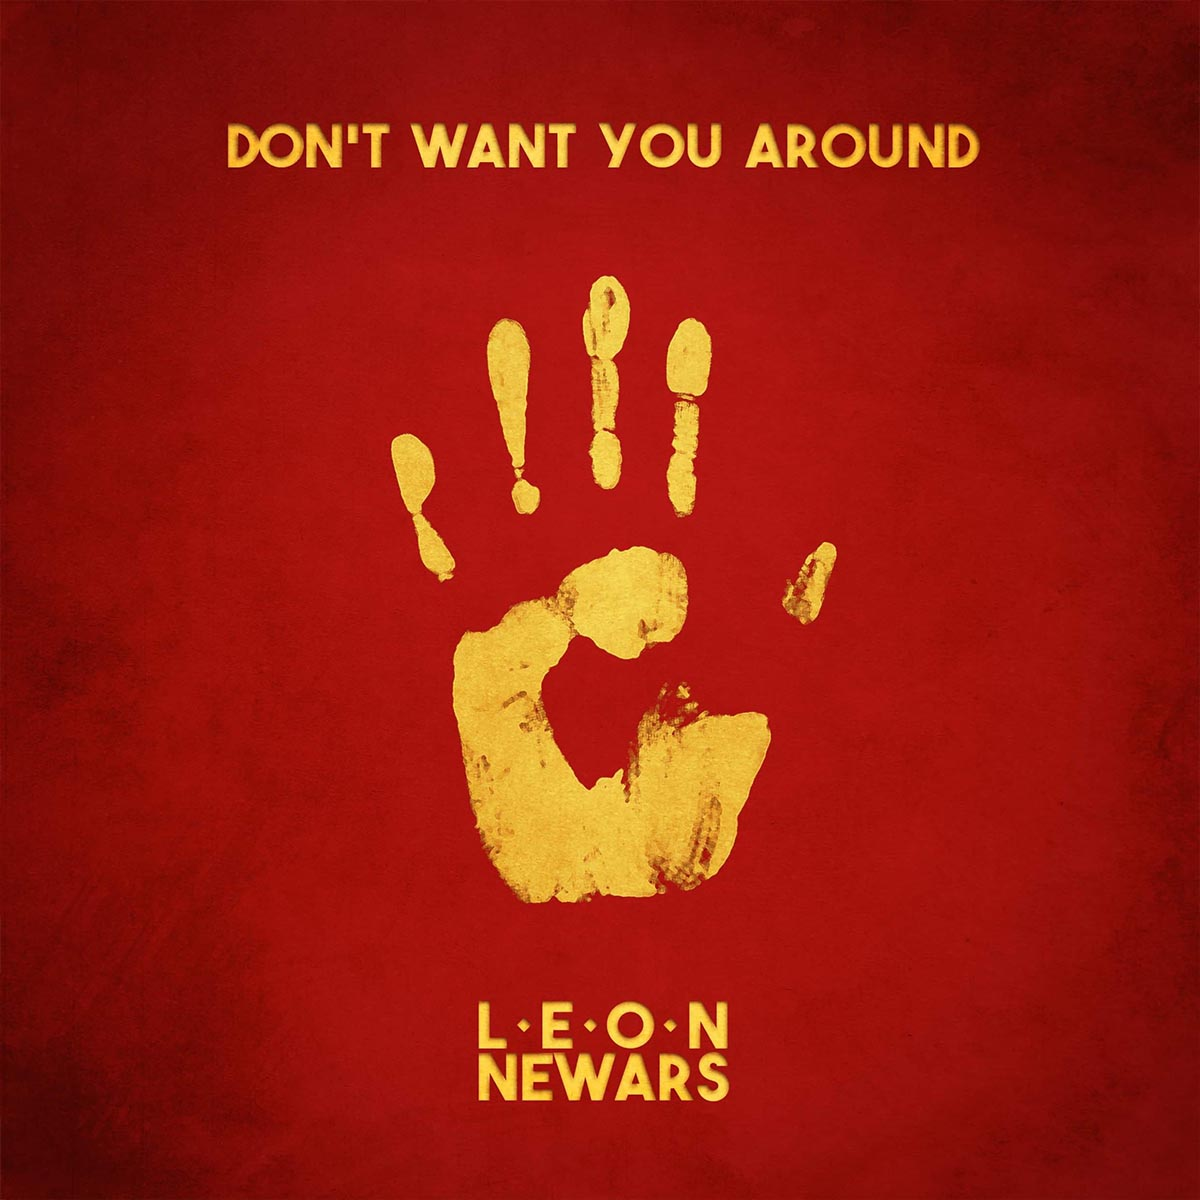 """Résultat de recherche d'images pour """"LEON NEWARS CD UNBOXABLE"""""""